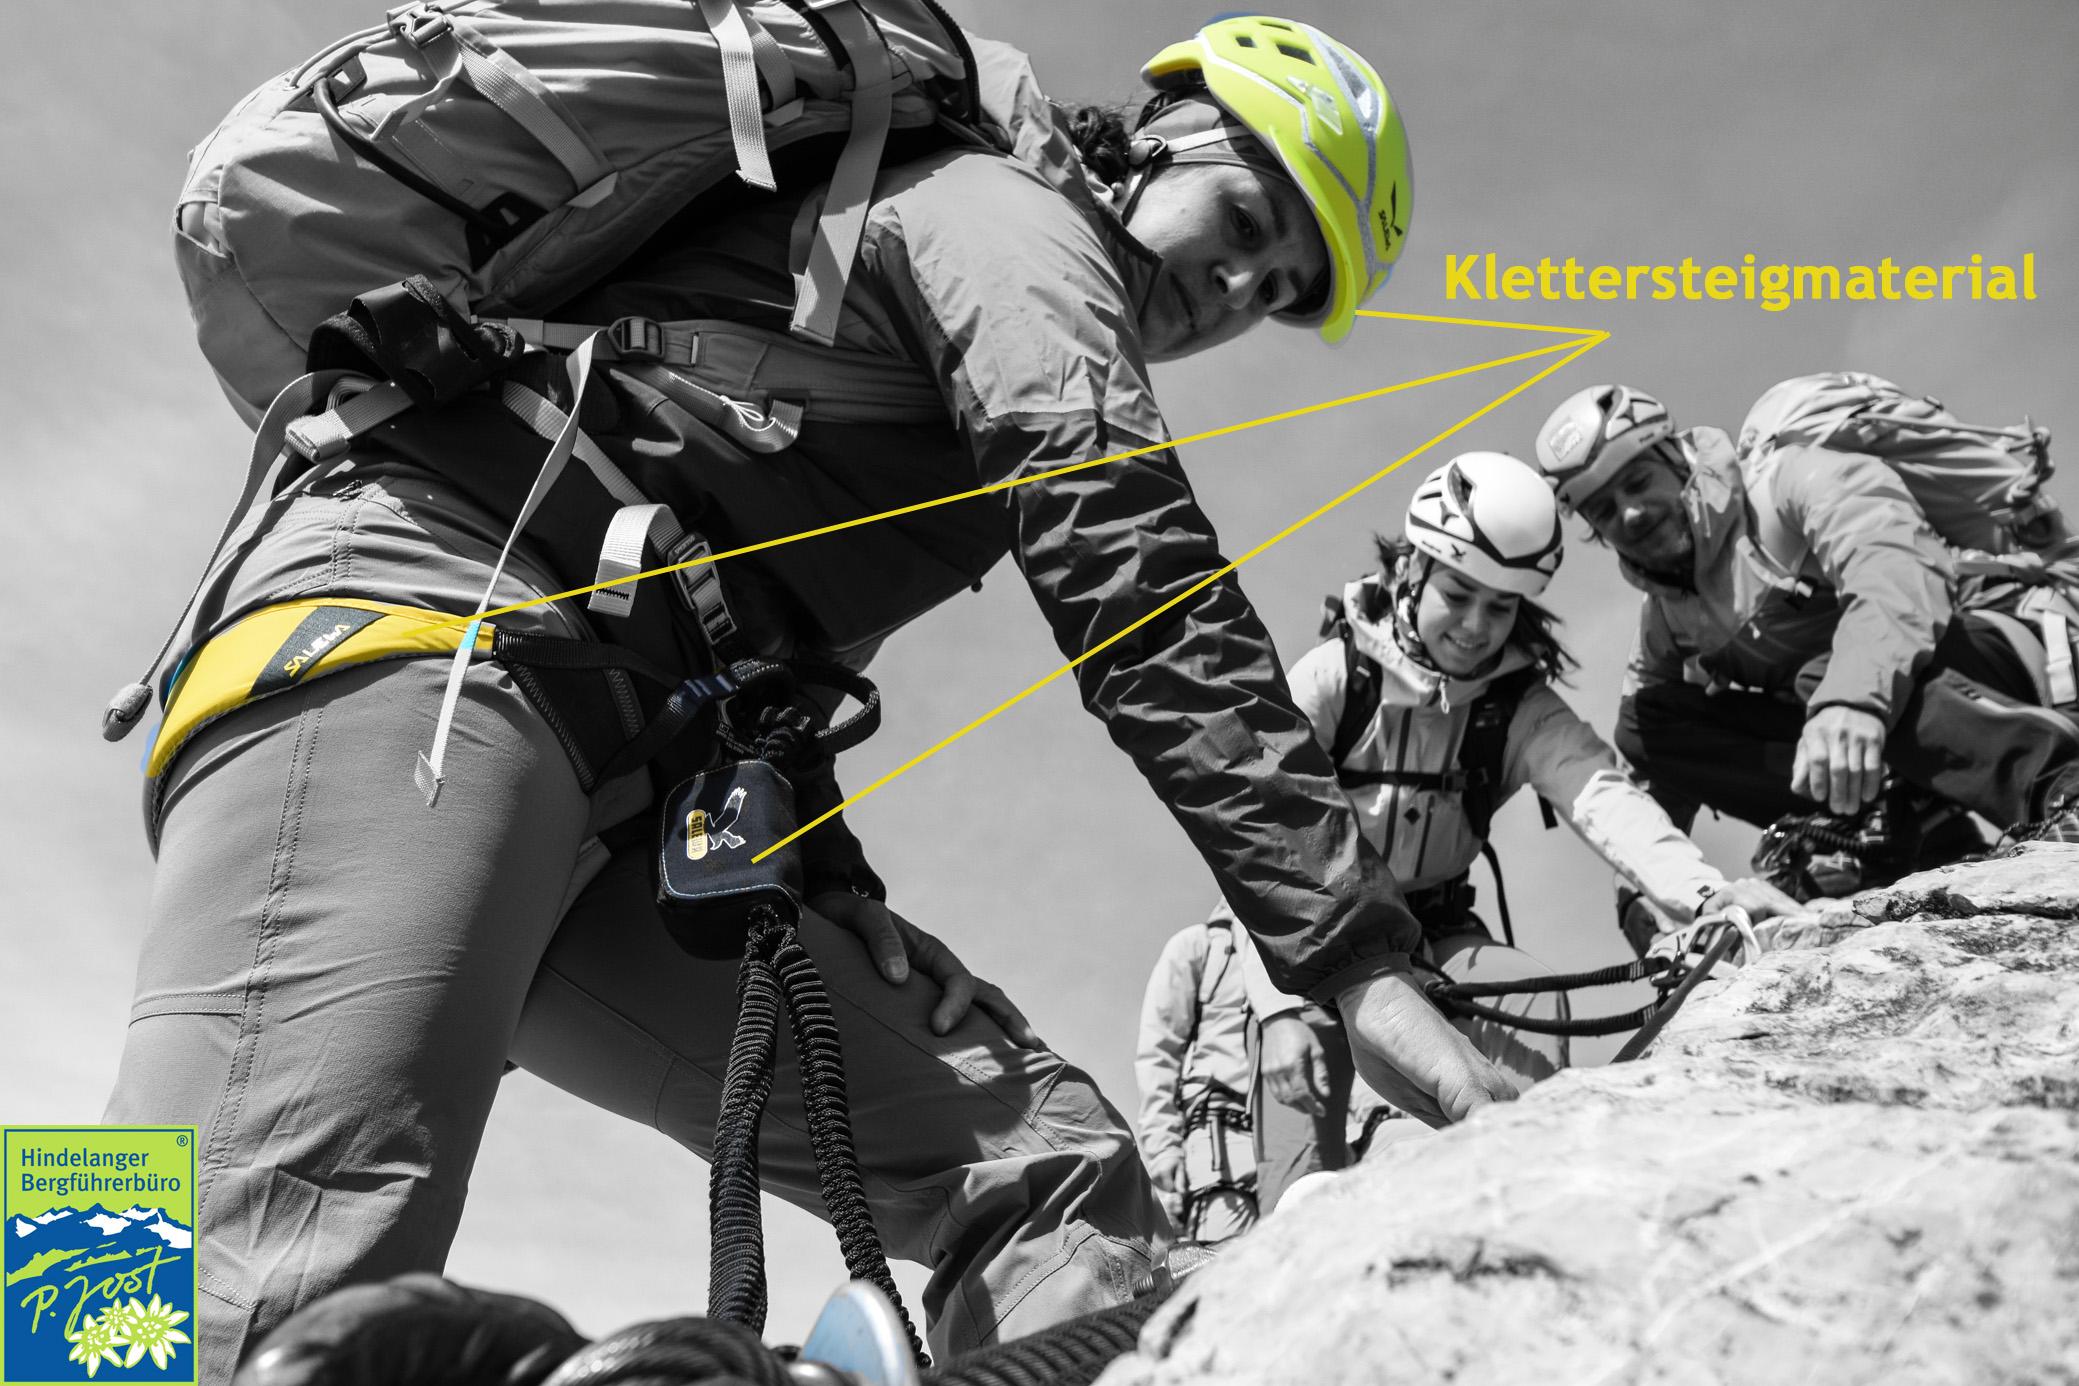 Klettersteigset Ausgelöst : Klettersteigset kontrolle pflege tipps für anfänger einsteiger